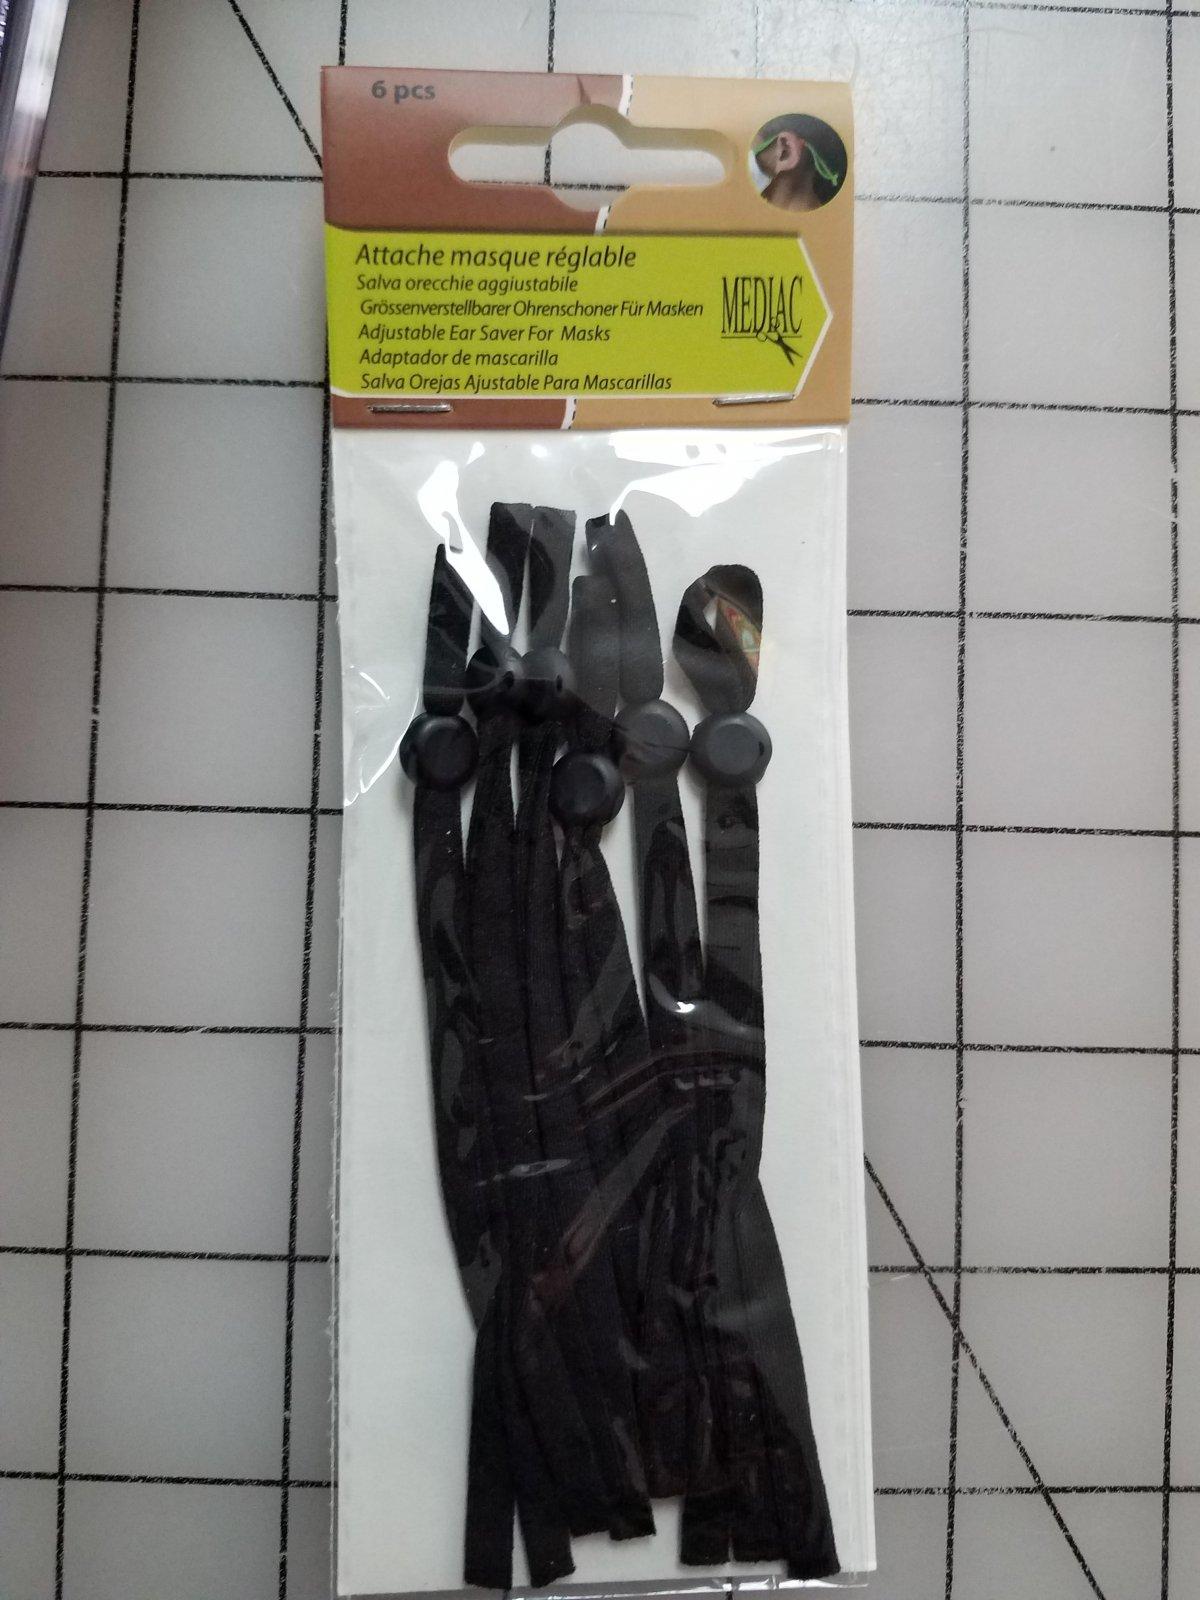 Adjustable Elastic Straps for Masks - Black